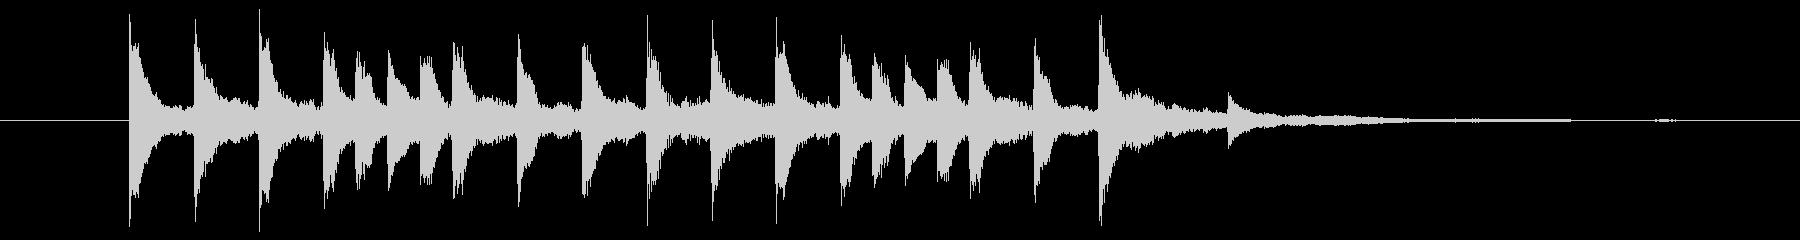 無機質なピアノソロジングルの未再生の波形